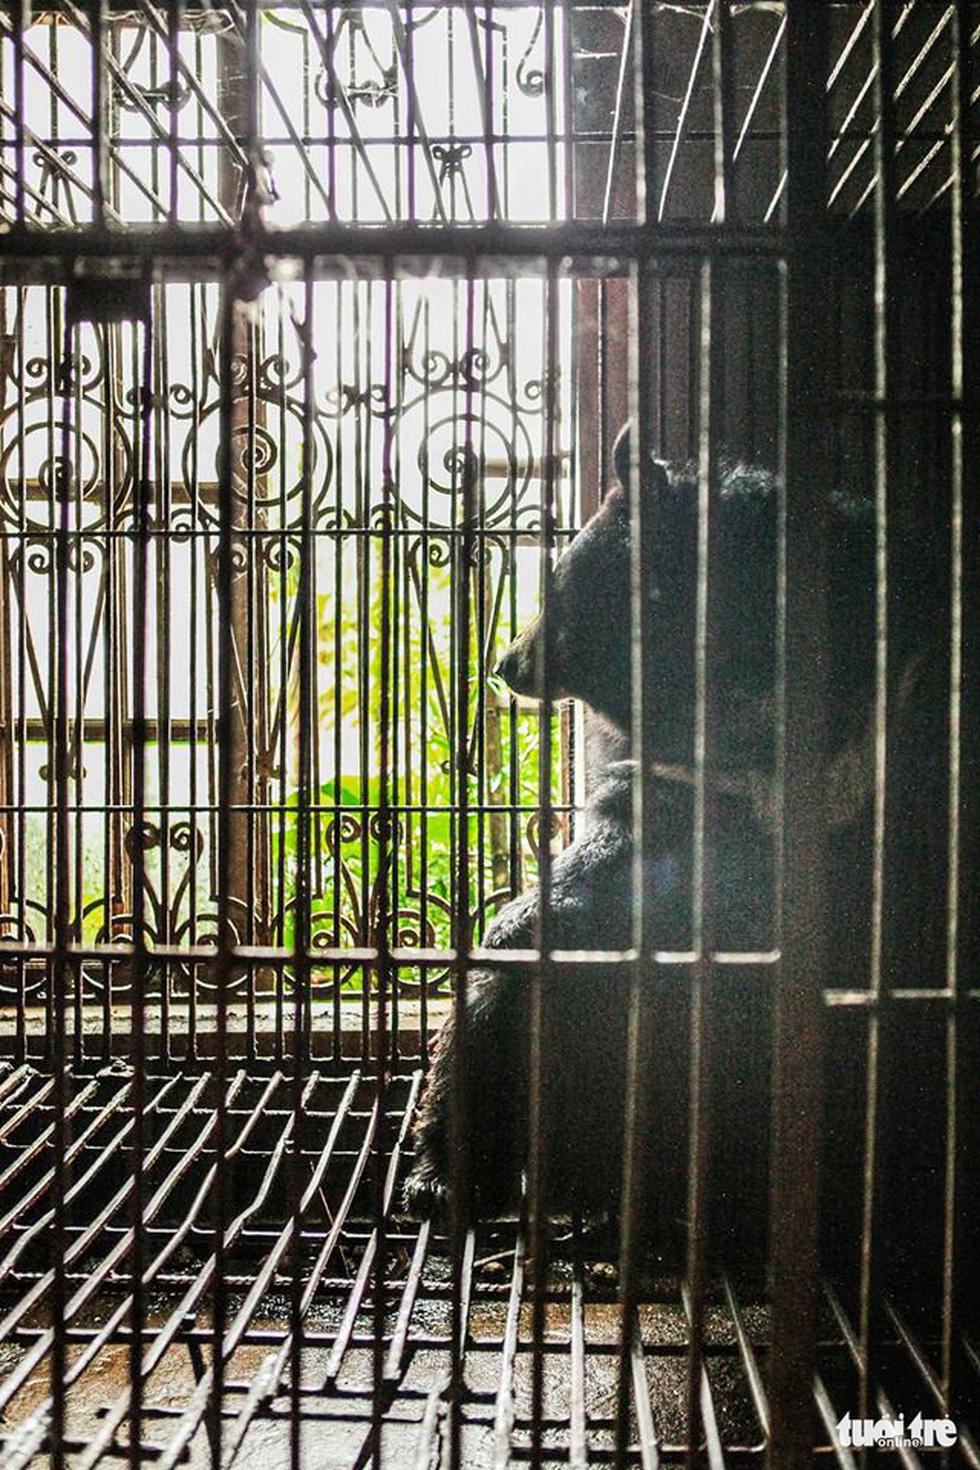 Hãy cứu những chú gấu gặm nỗi buồn trong cũi sắt - Ảnh 4.